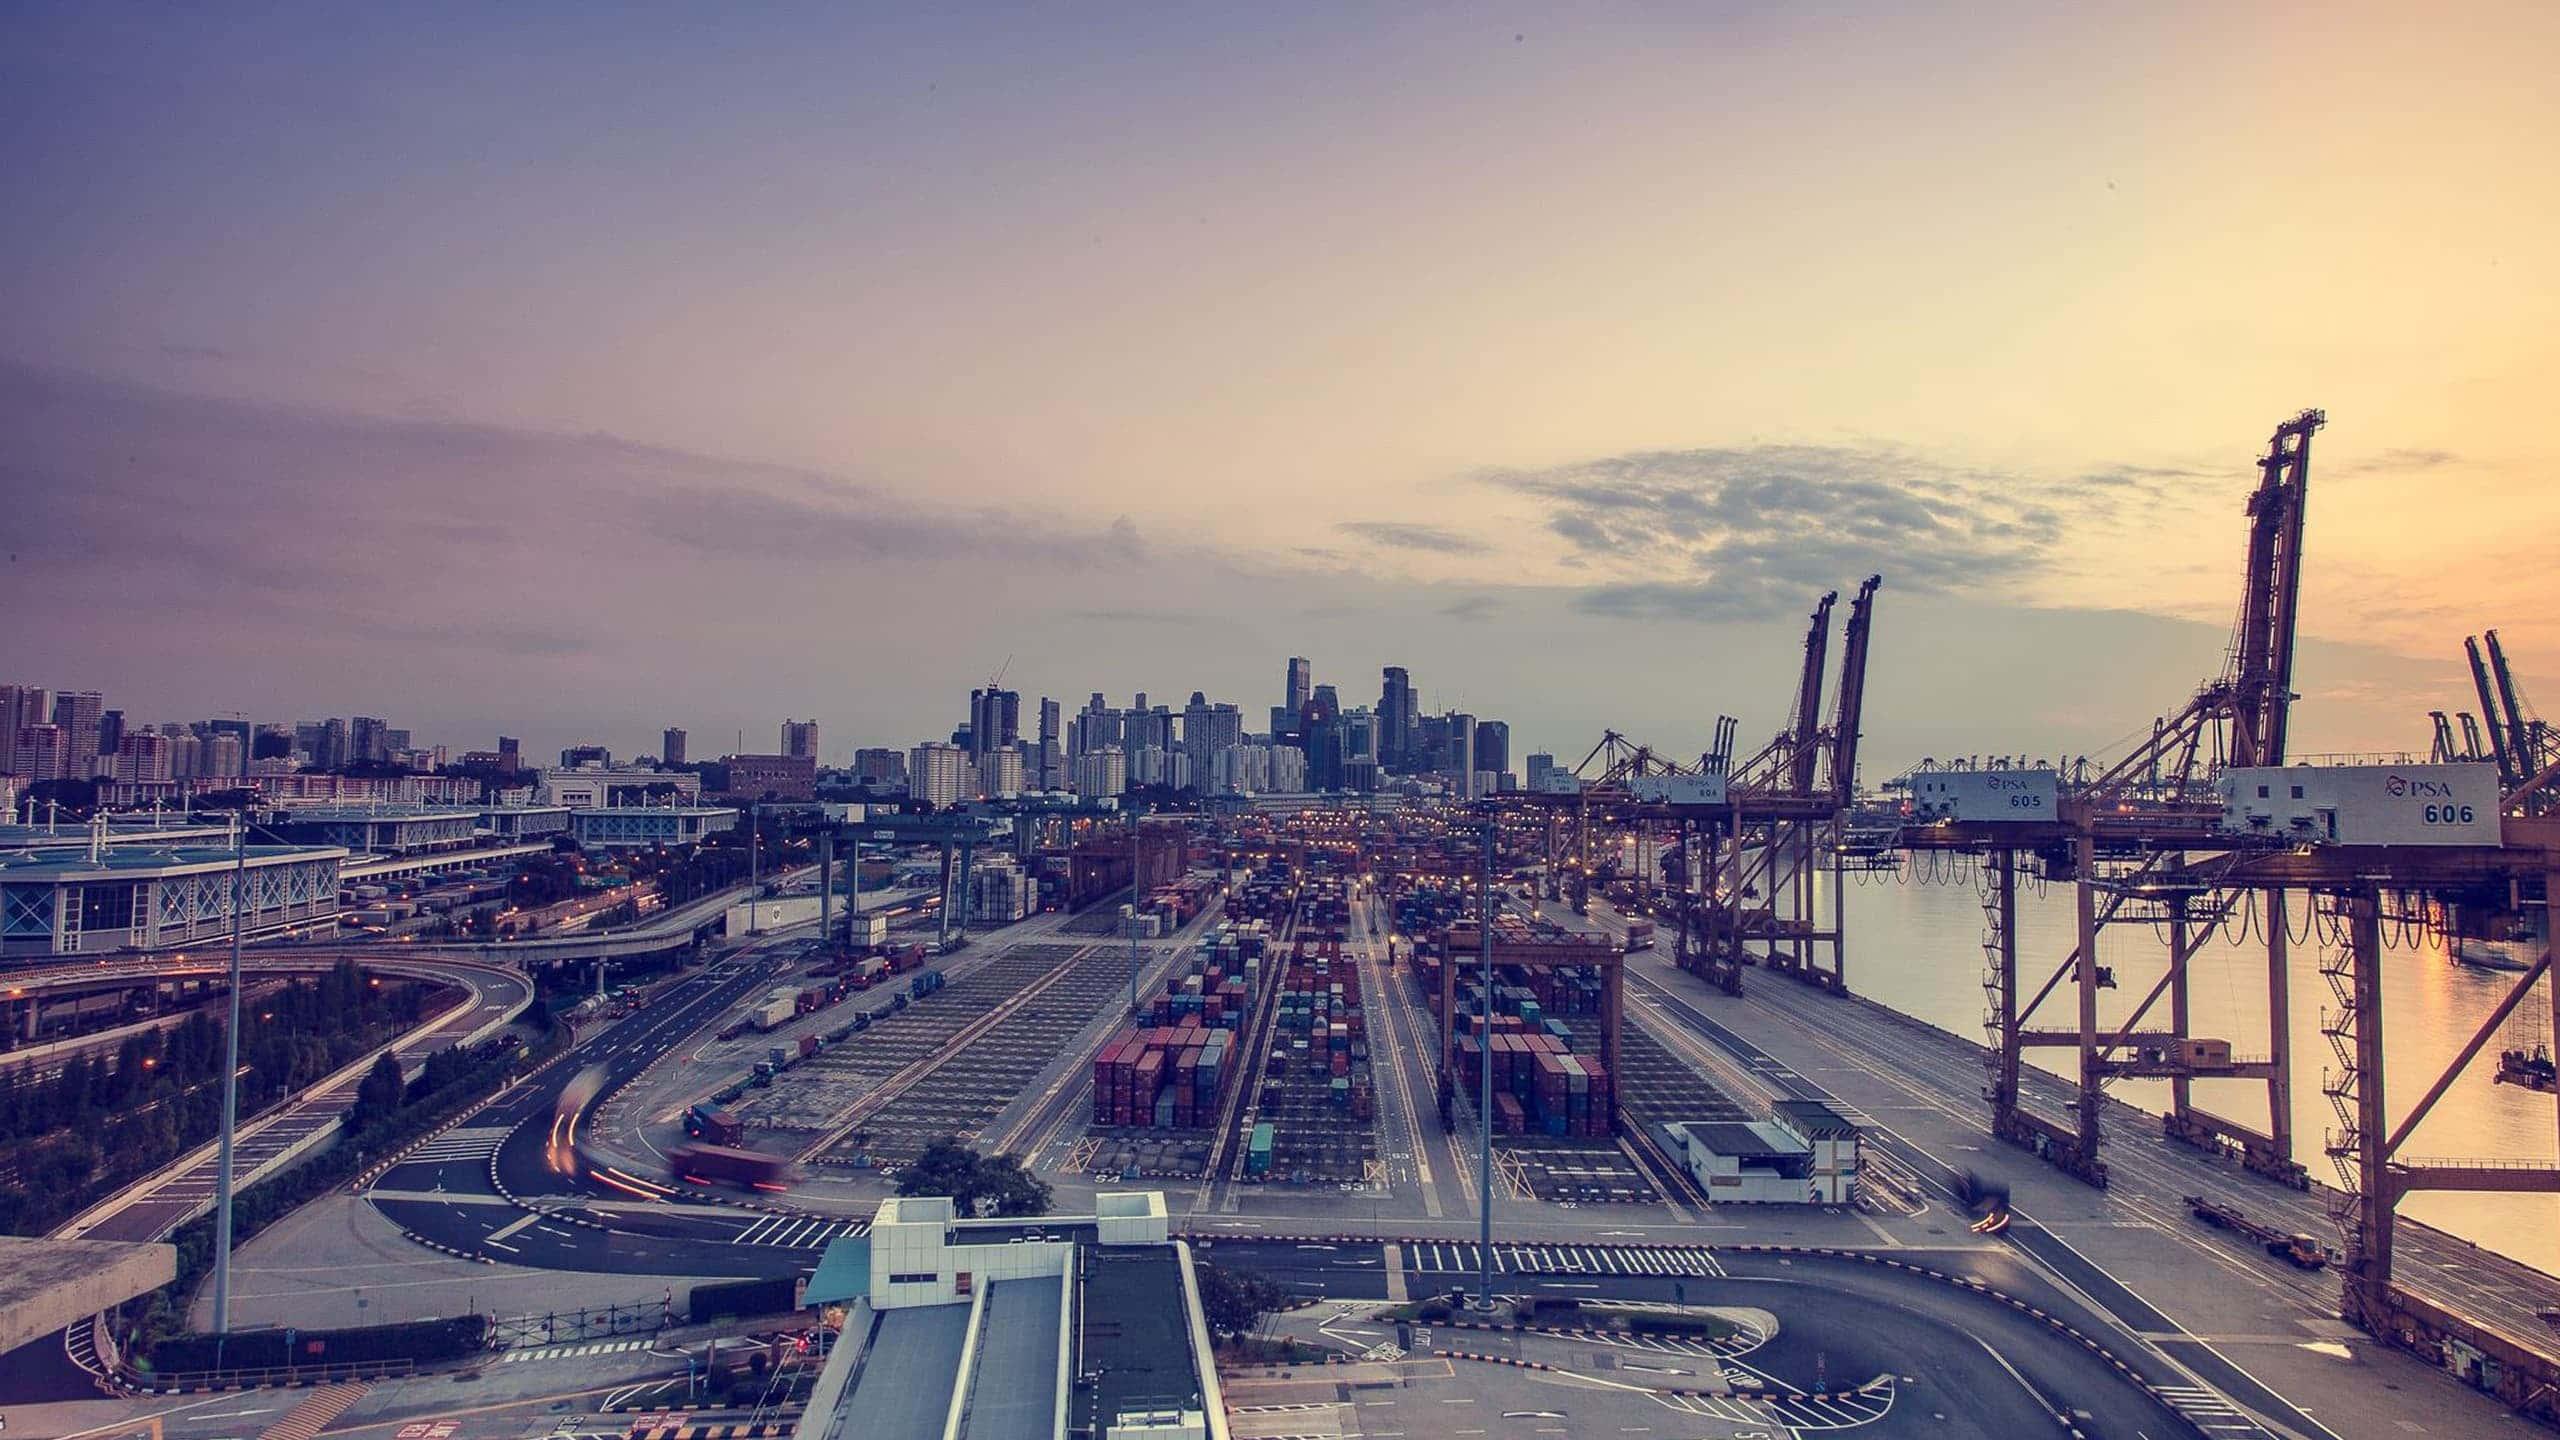 Panorma di un porto commerciale con città sullo sfondo